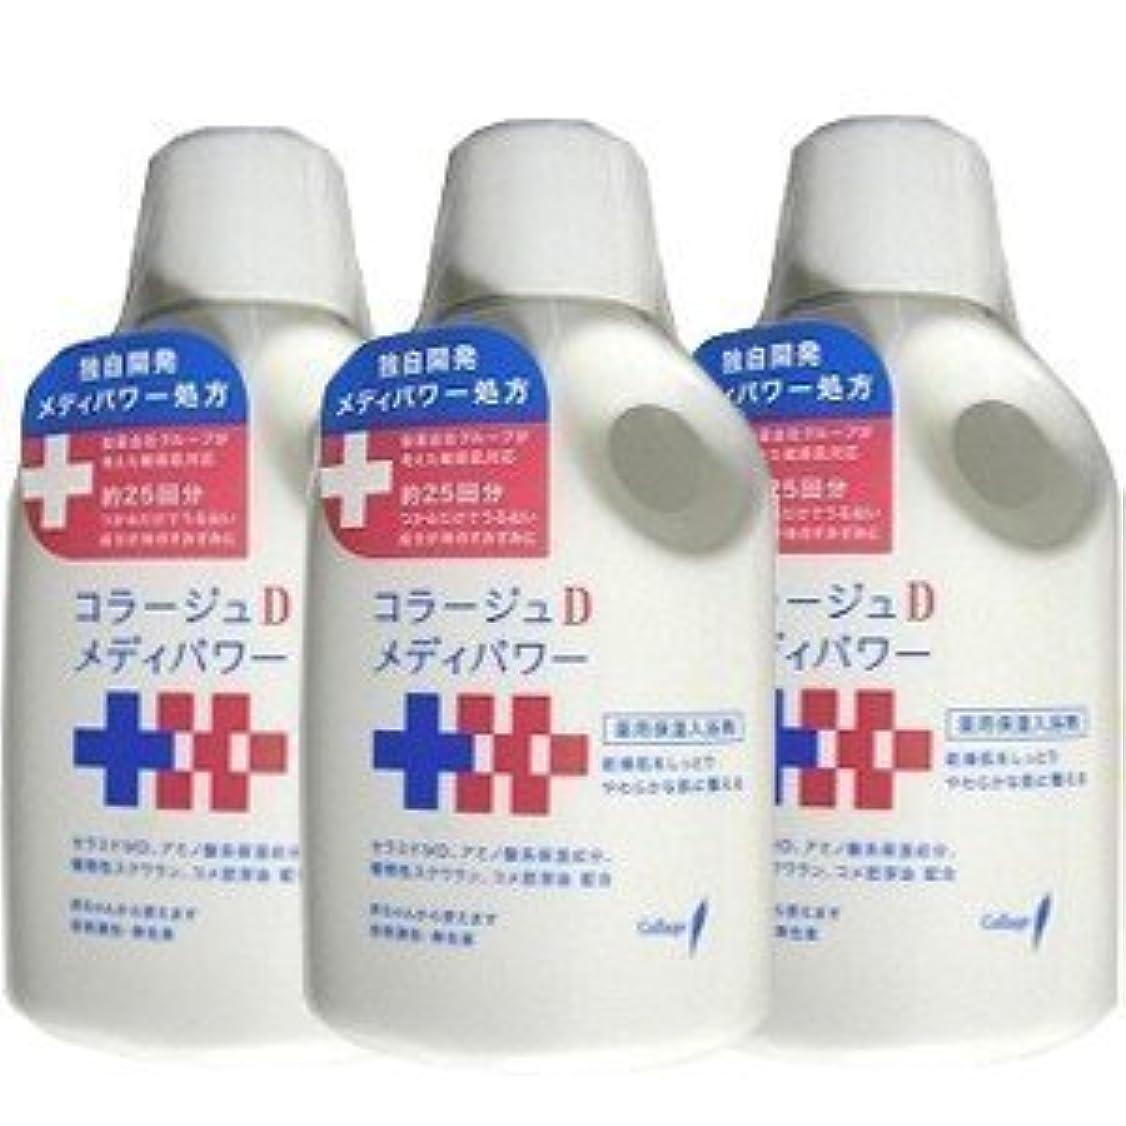 ポケット洞察力まどろみのある【3本】コラージュD メディパワー保湿入浴剤 500mlx3本